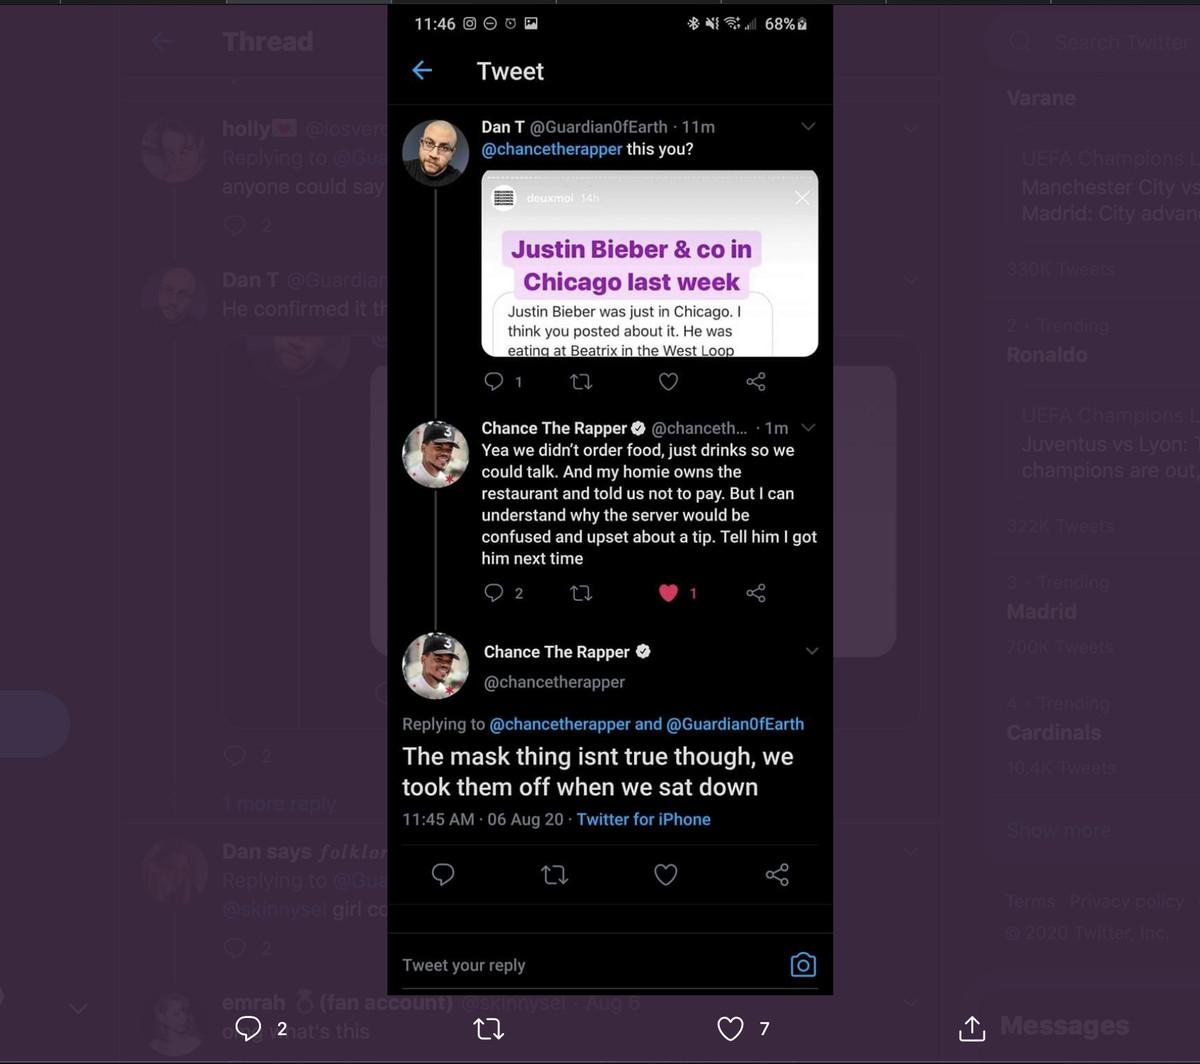 A tweet screen shot.